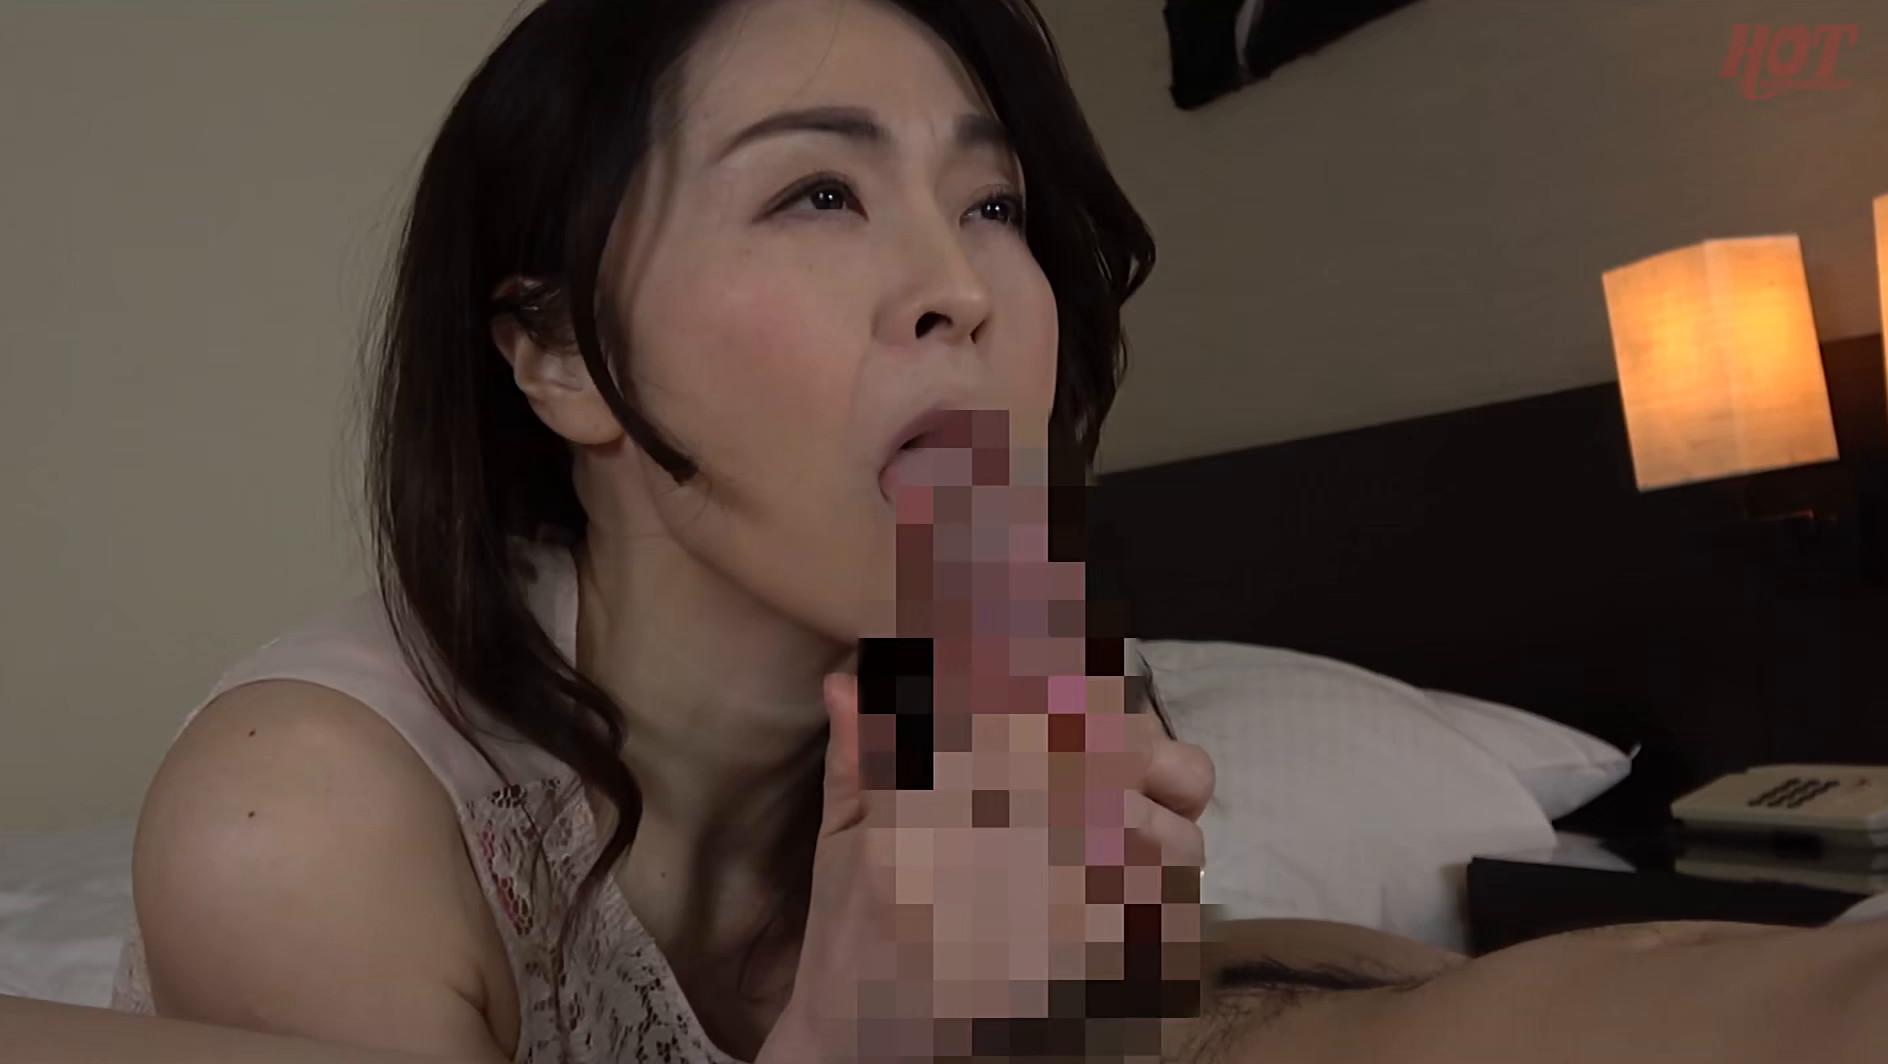 【四十路】素人熟妻色仕掛け 24人目,のサンプル画像4